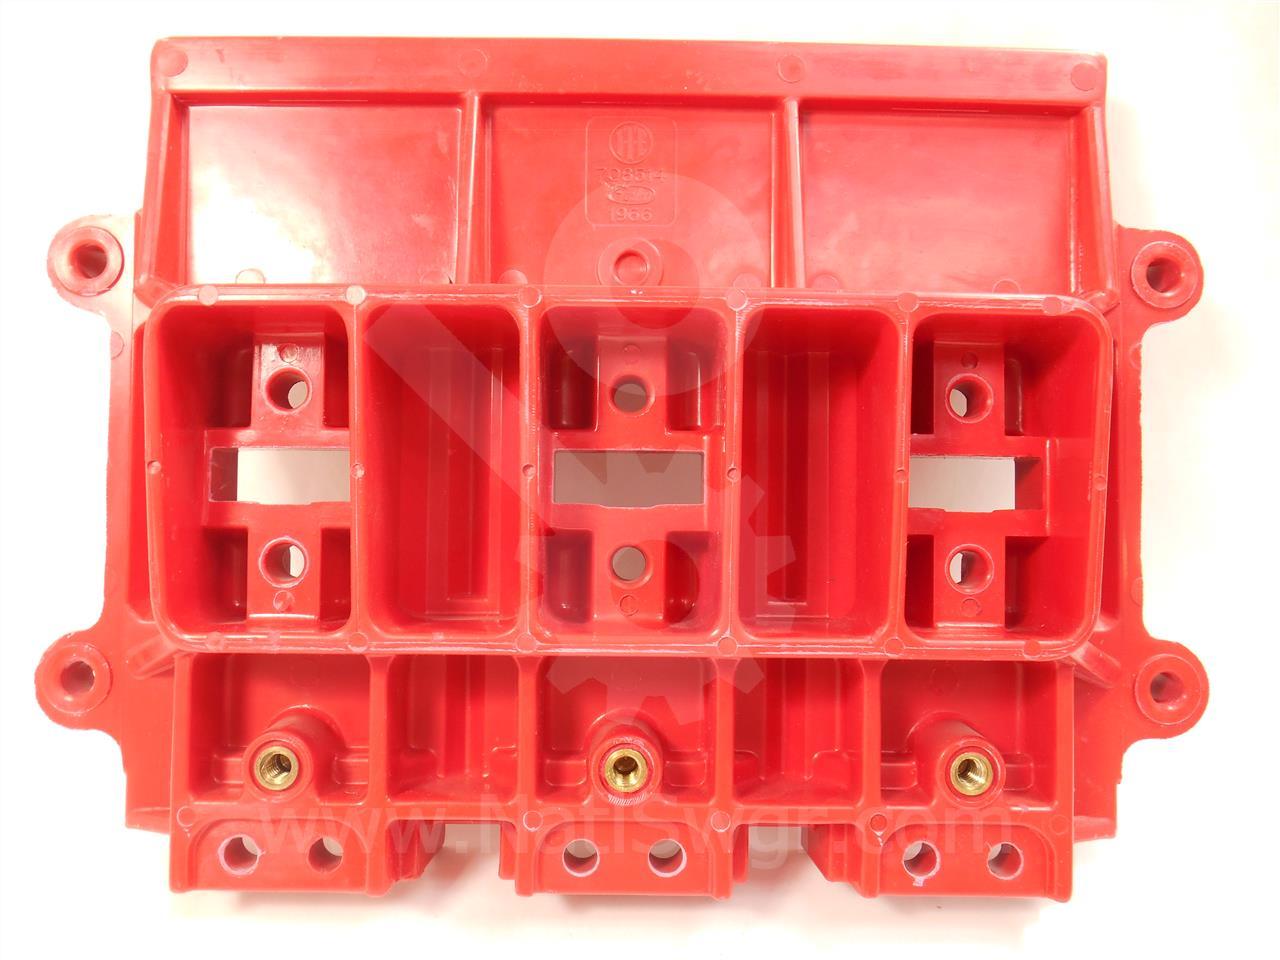 706784-T03 ITE RED UPPER MOLDING BASE FOR K-225 / K-600 / K-800